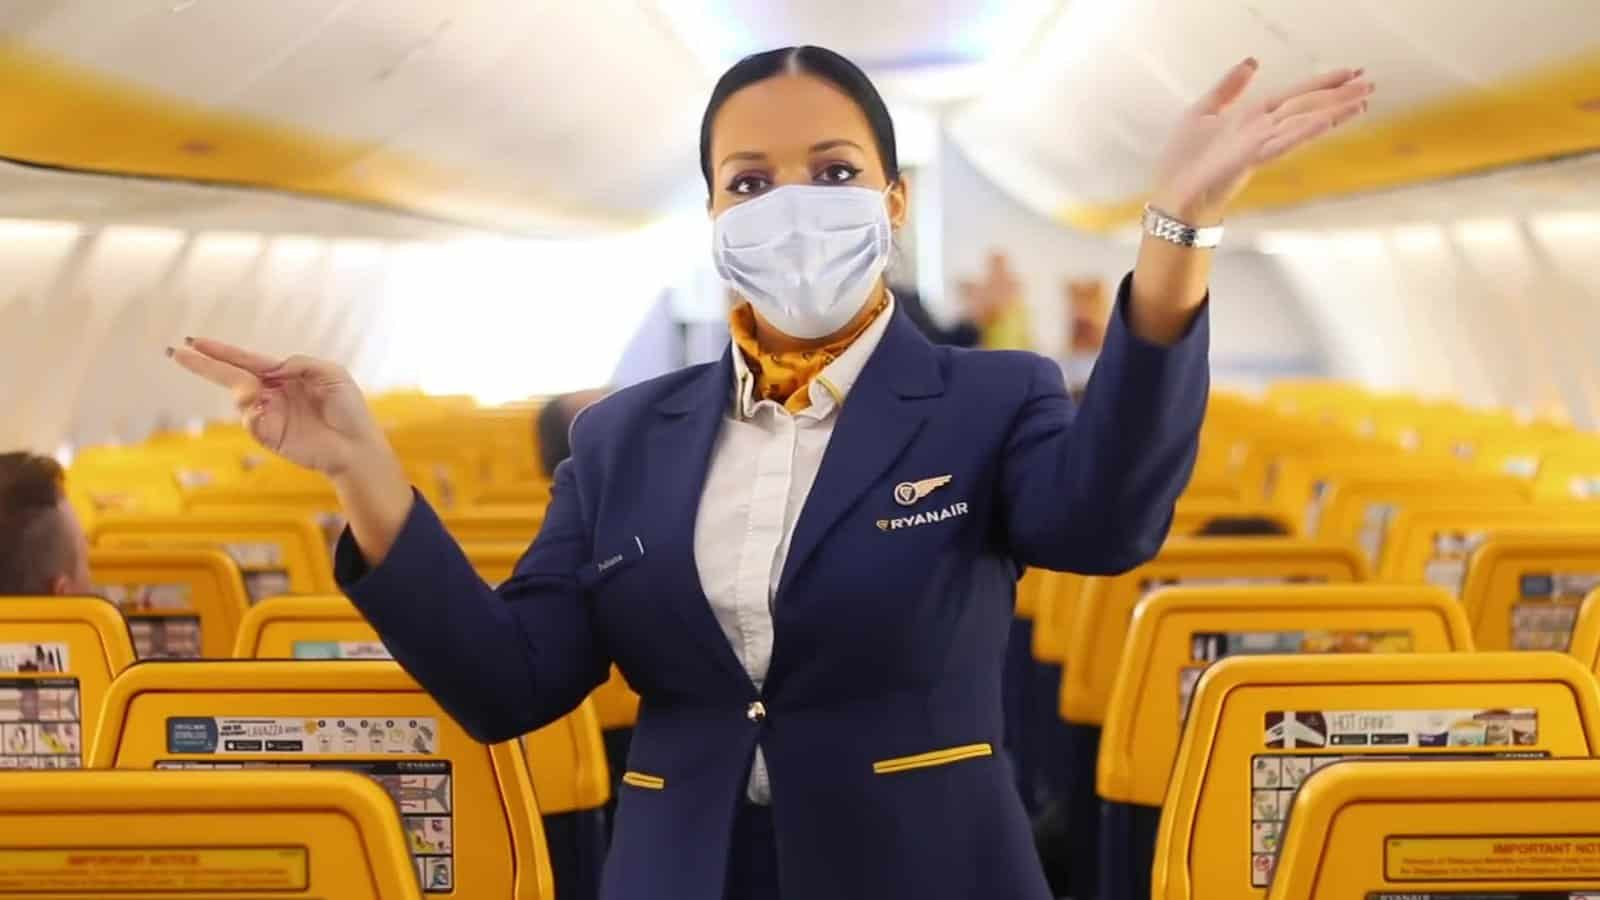 Autocertificazione Ryanair Voli Mascherine Coronavirus